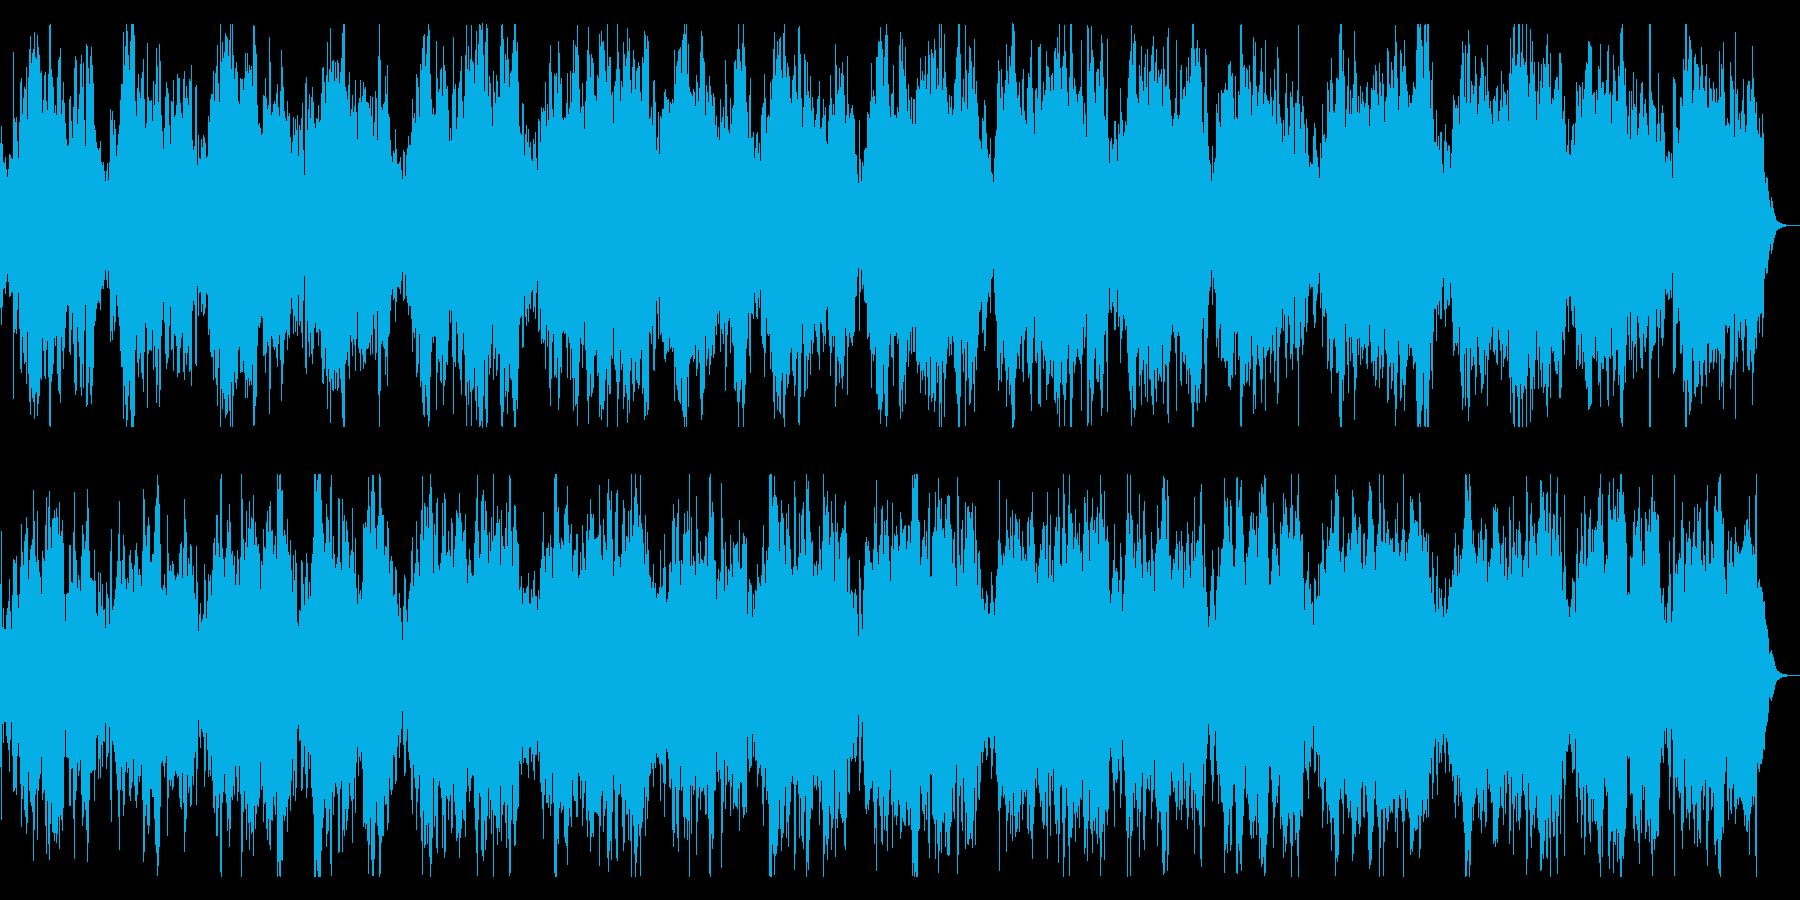 ダークで緩やかなBGM 恐怖感の演出の再生済みの波形